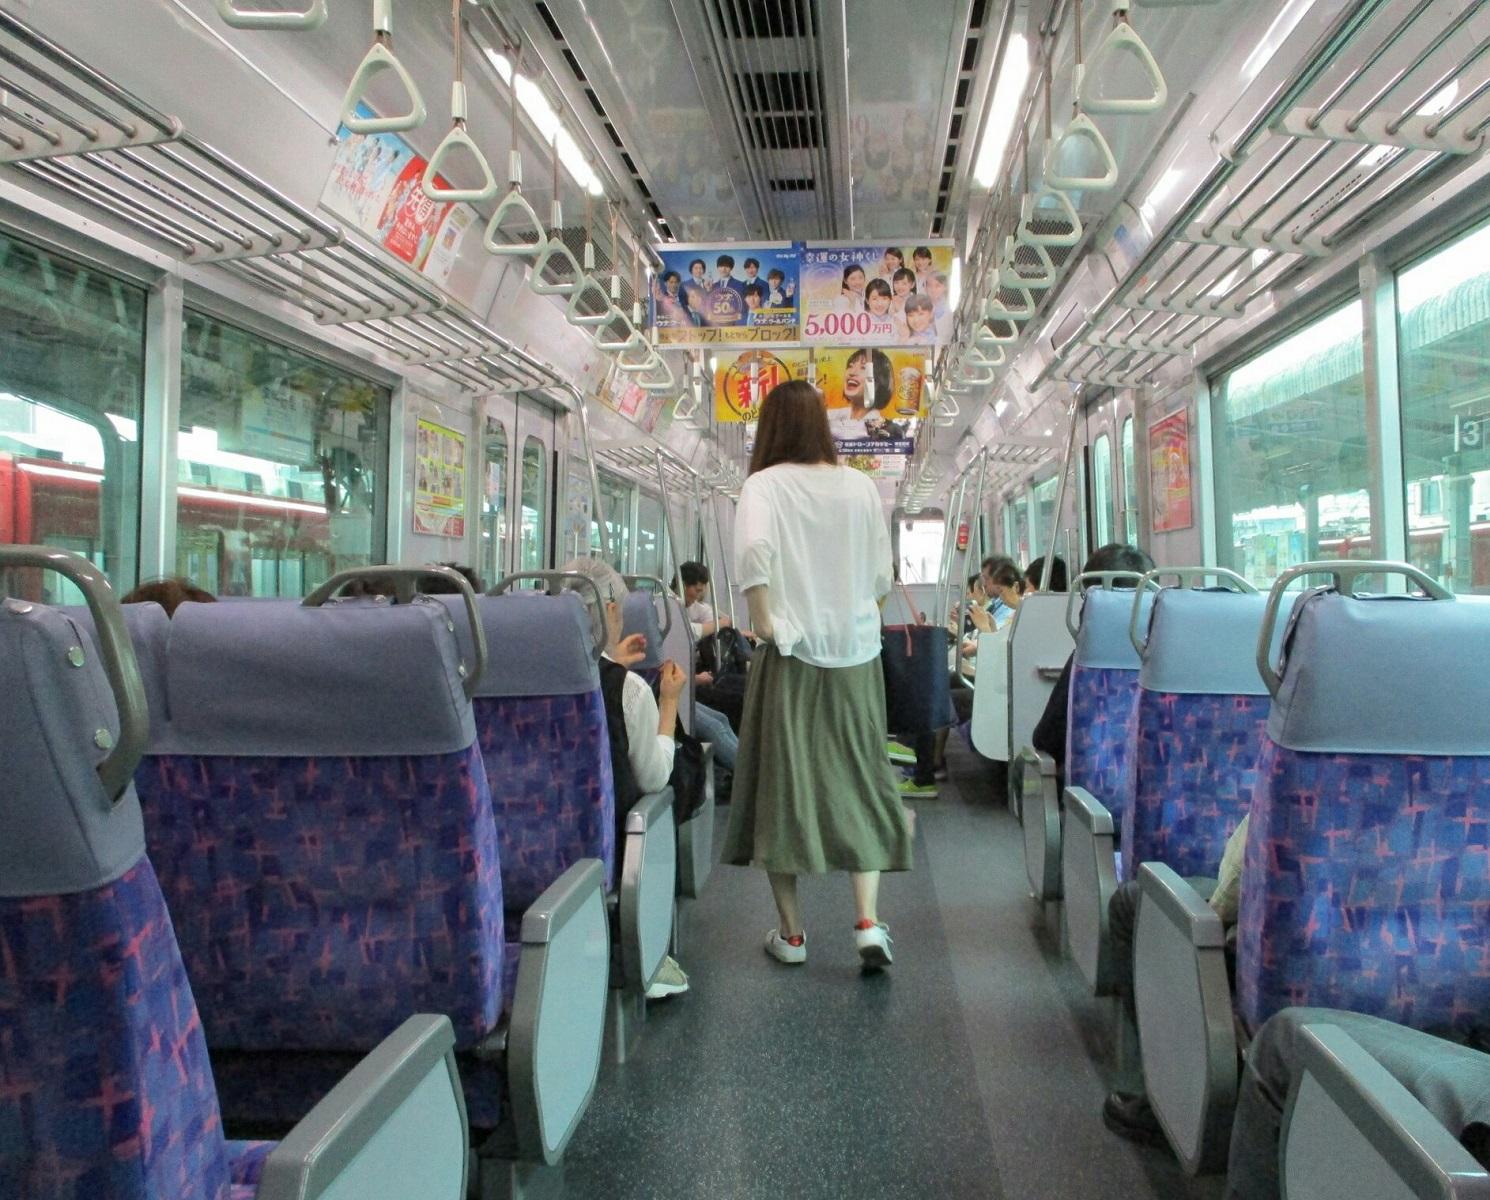 2018.6.28 (15) 岐阜いき特急 - 岐阜 1490-1200